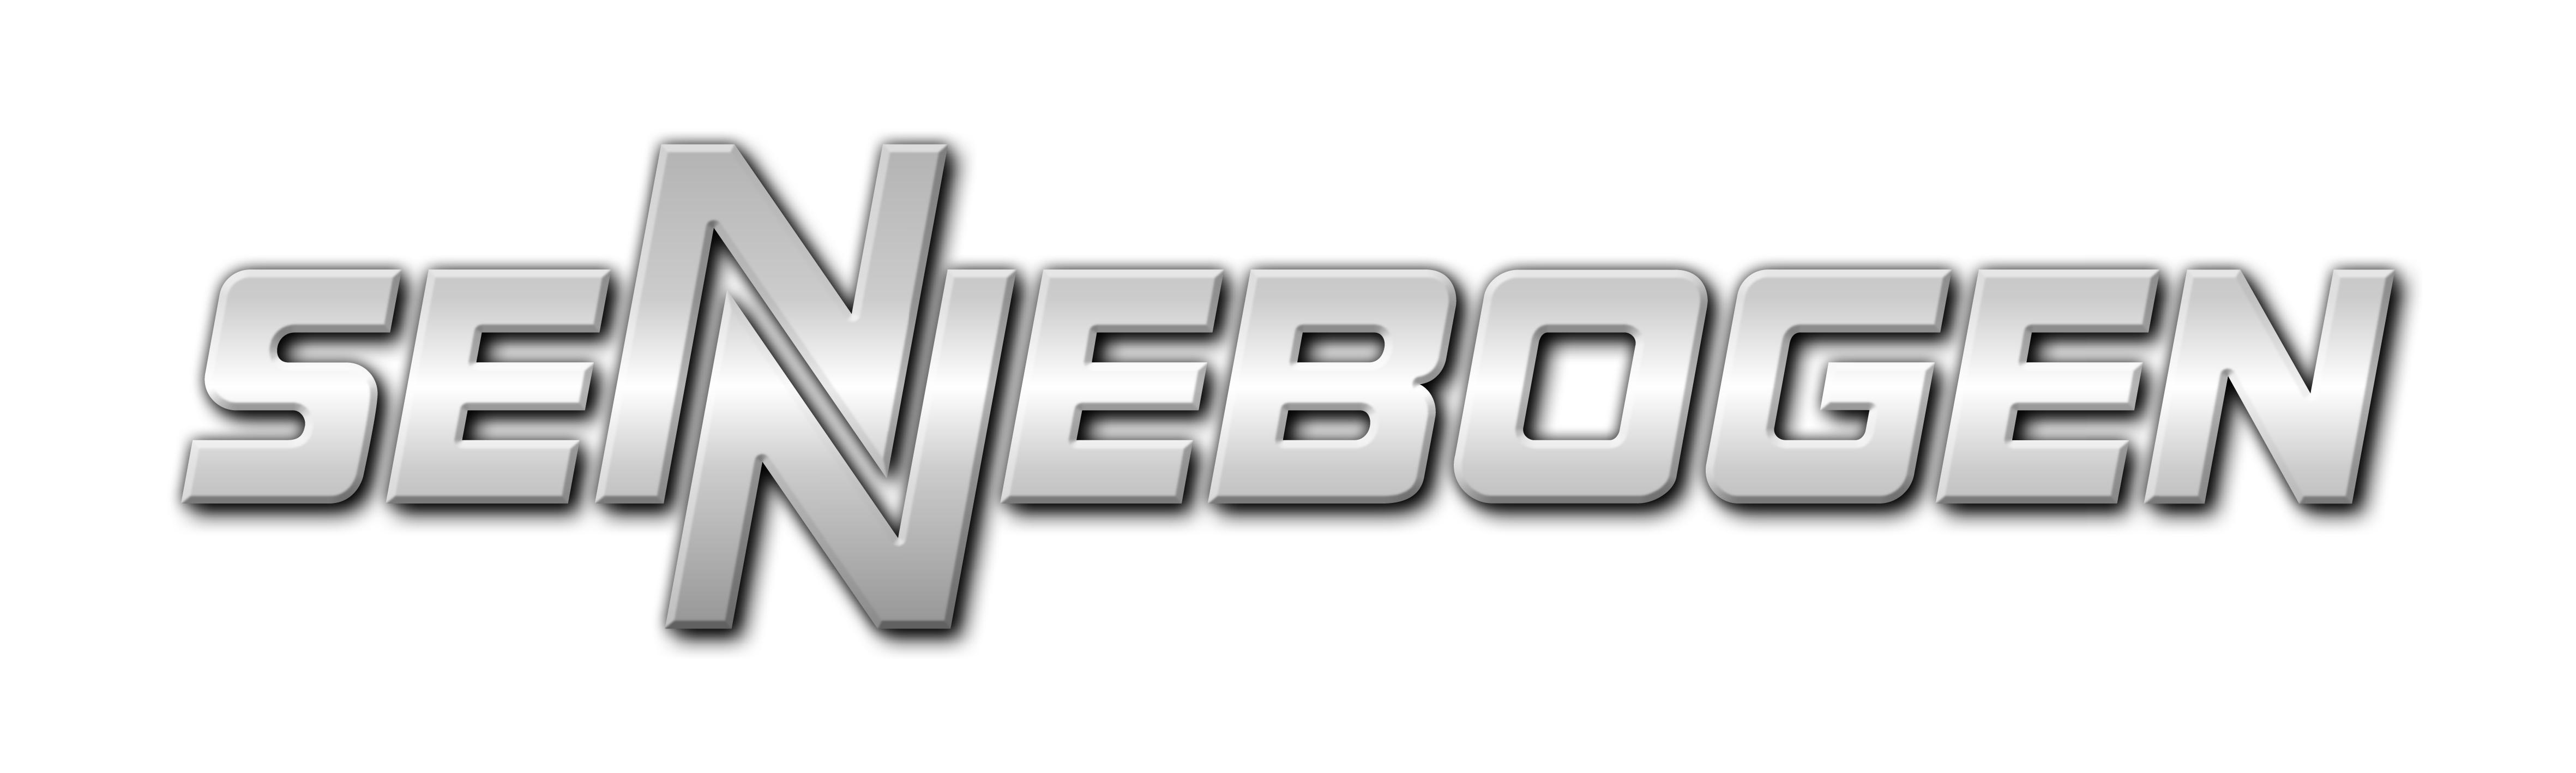 Sennebogen Logo silber auf wei·